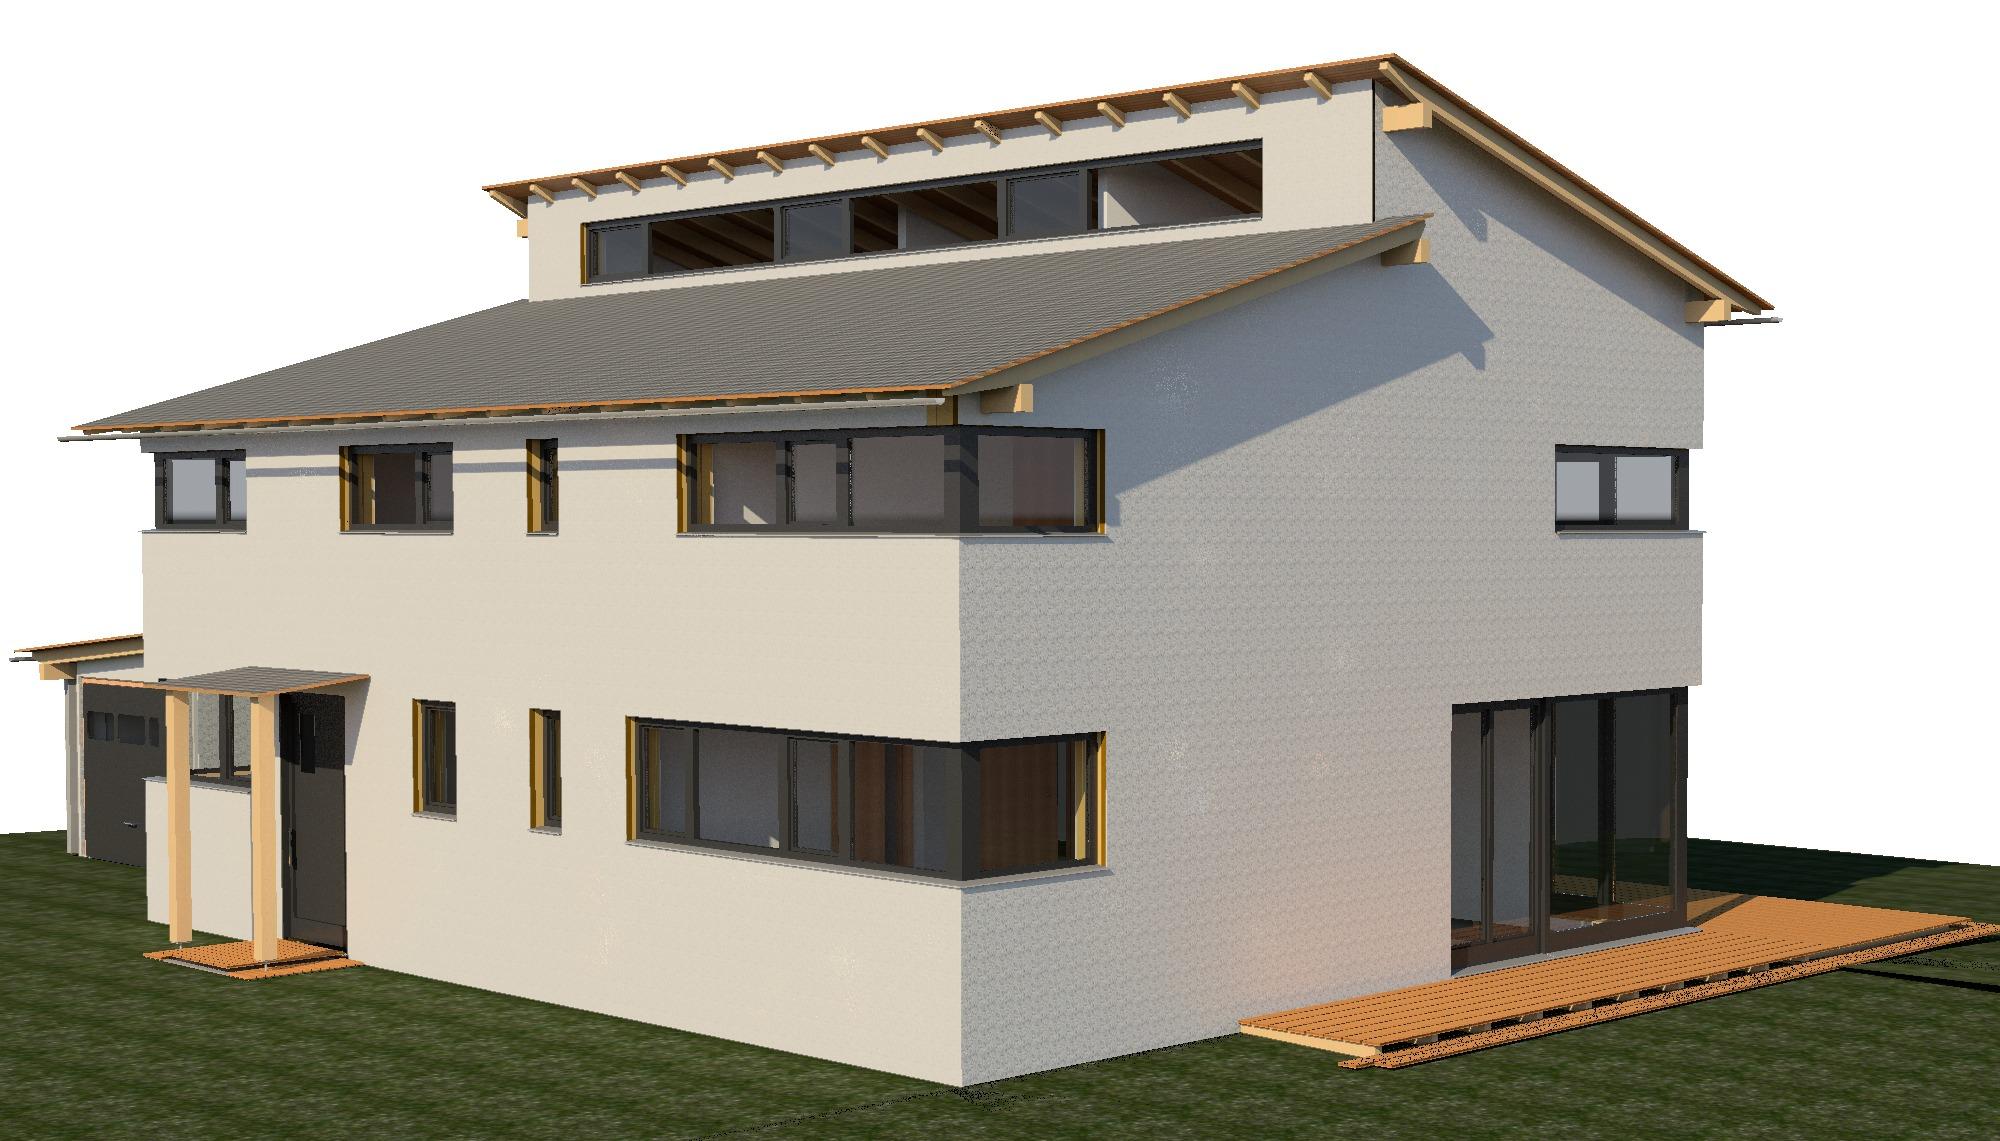 Raas-rendering20150312-26058-1y0wyl2